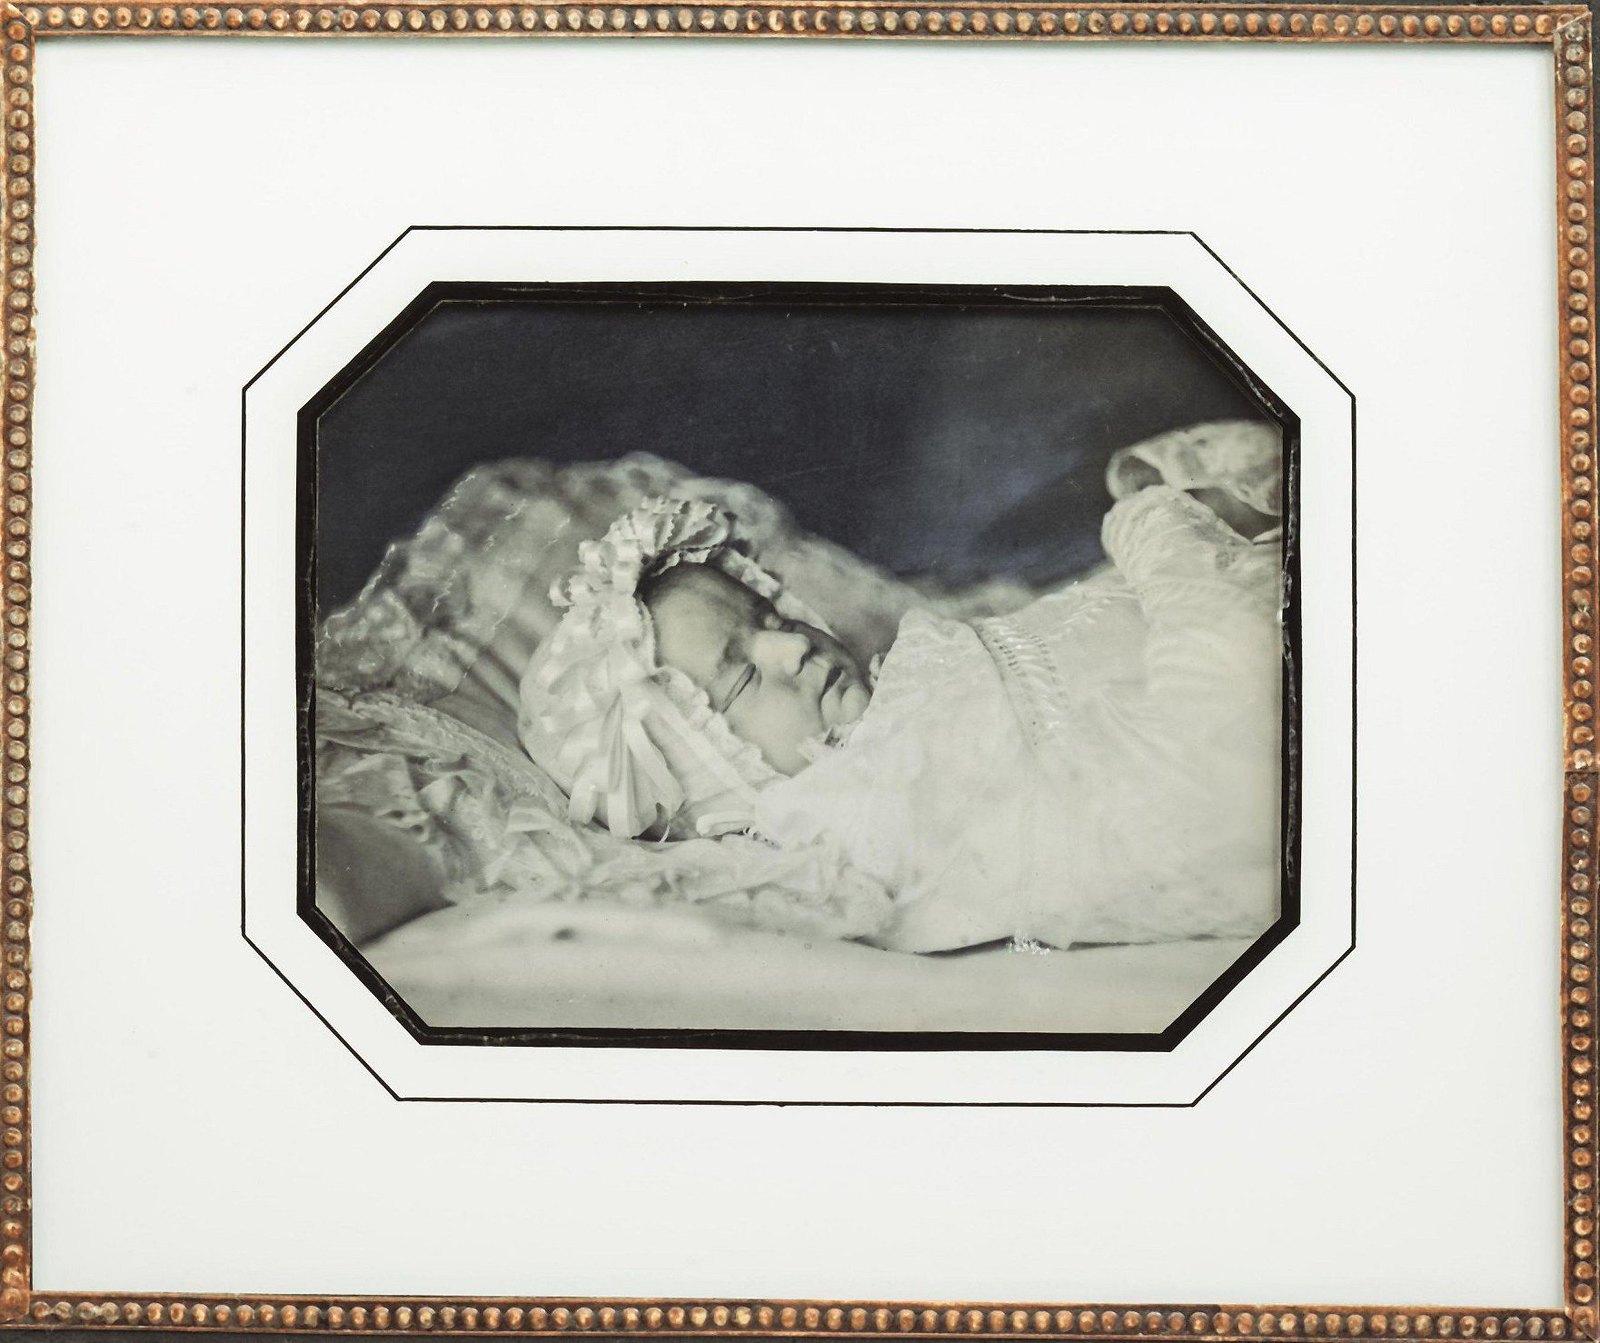 1840-е. Портрет ребенка на смертном одре